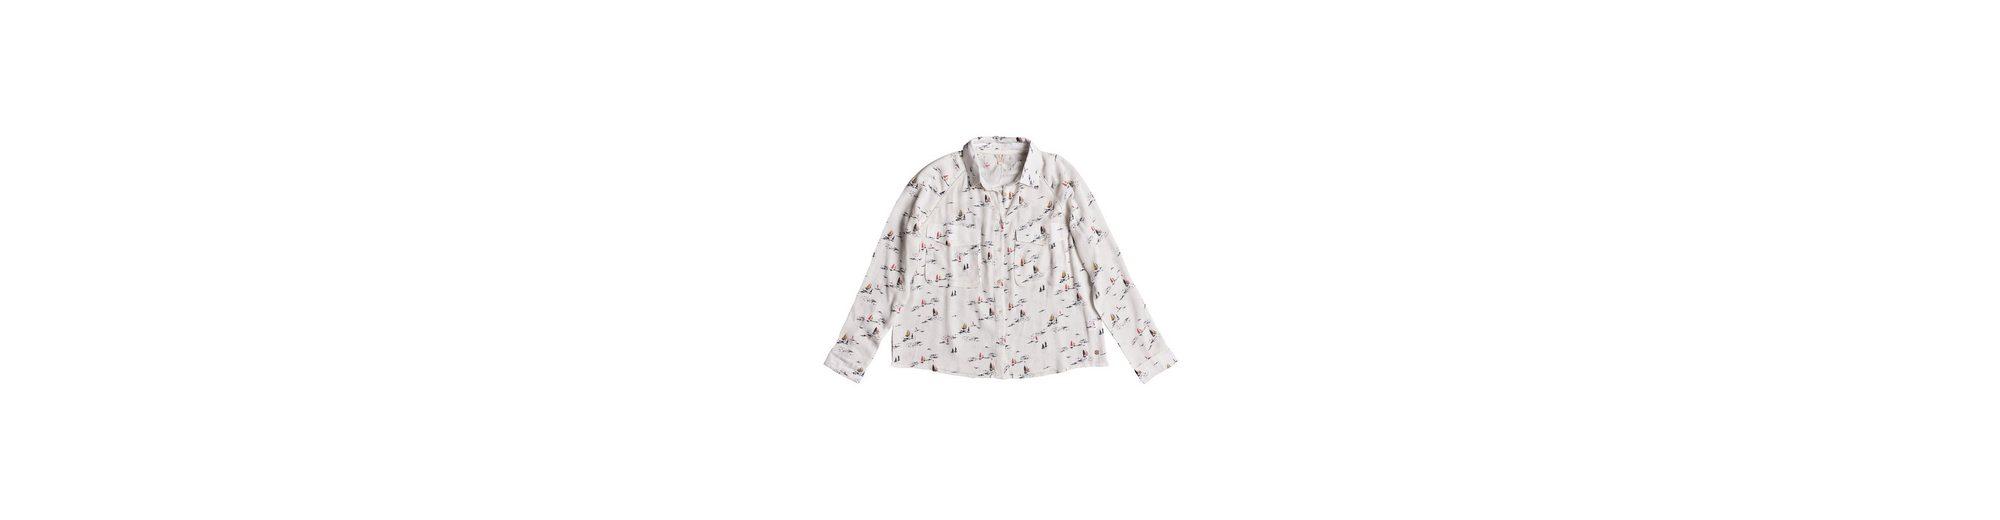 Roxy Langarm-Viskose-Shirt Juvia Rabatt Amazon Top-Qualität Online eSxMe6Pq